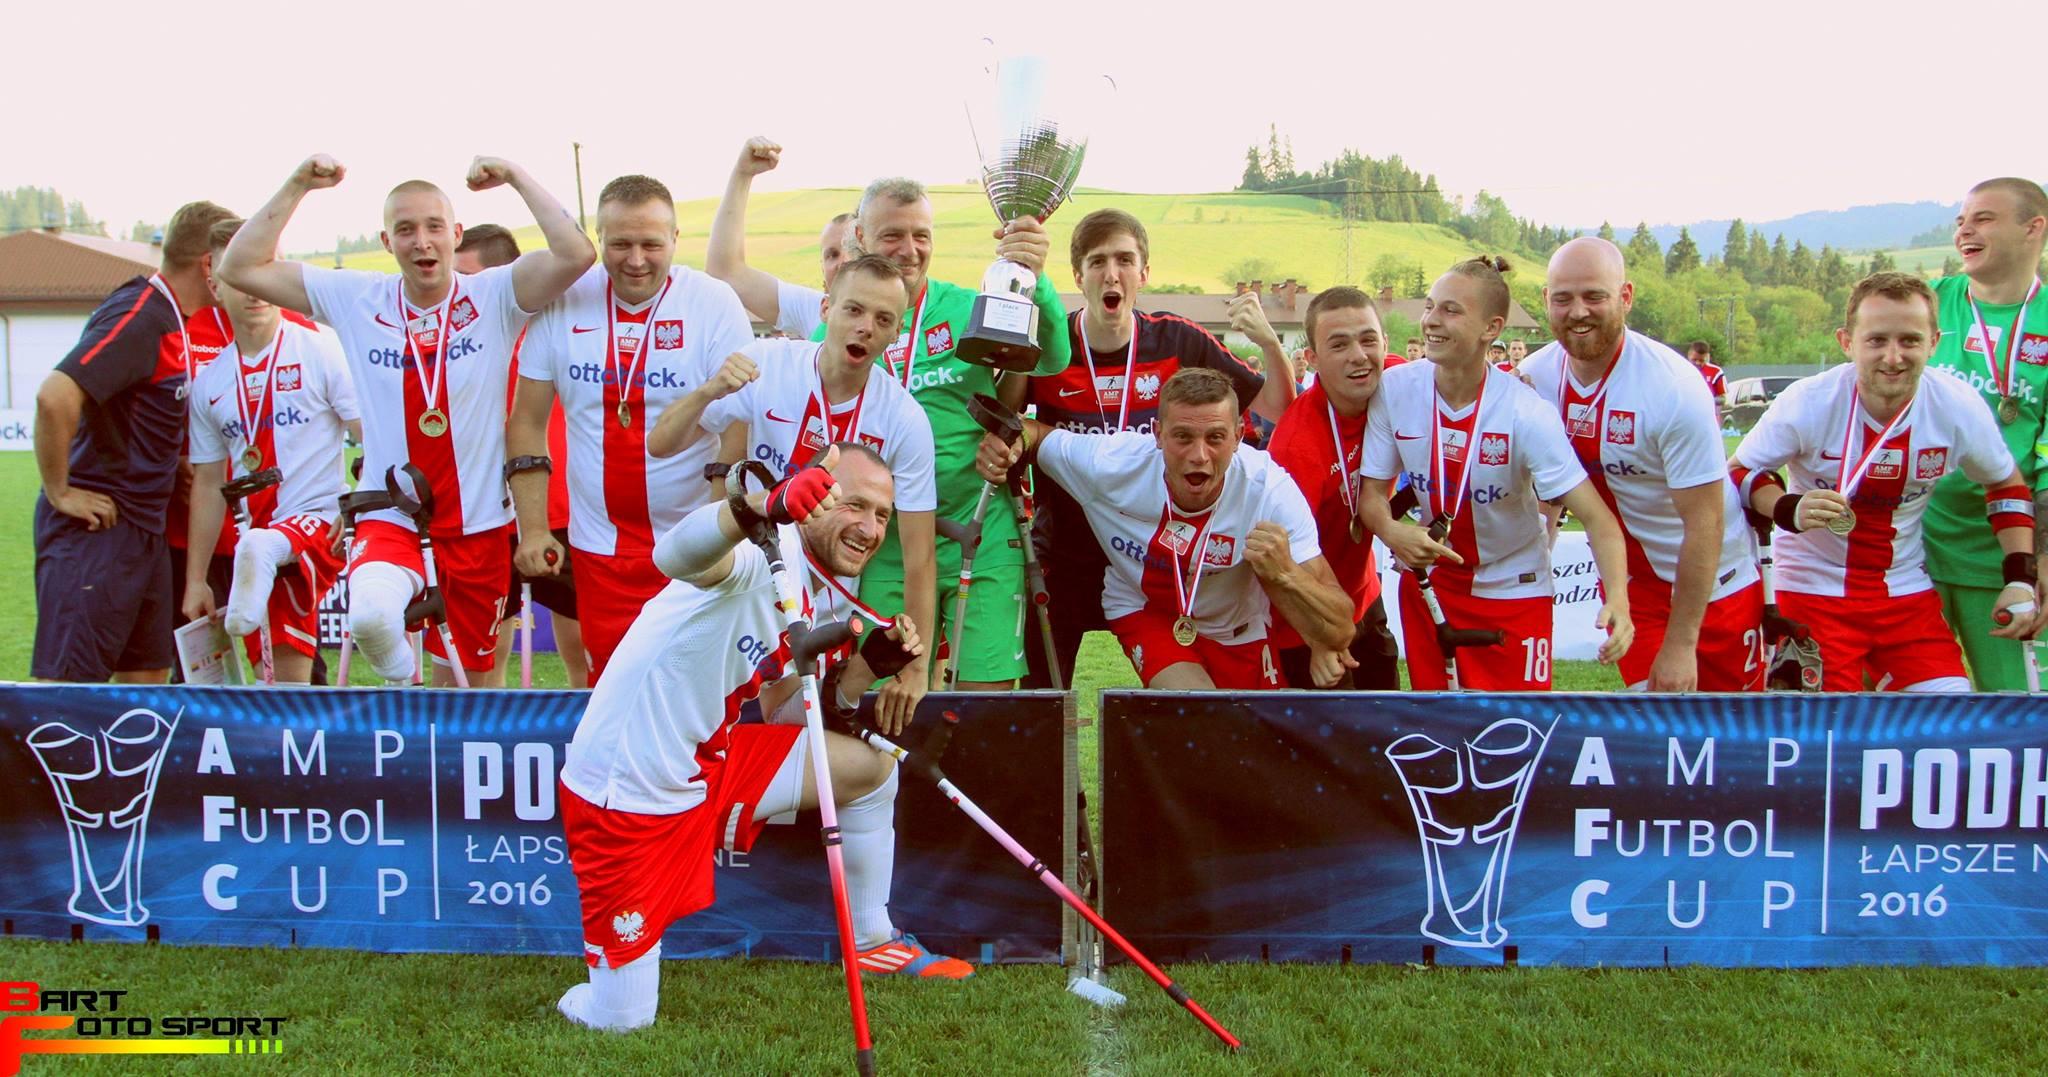 Zdjęcie przedstawia polską drużynę cieszącą się ze zwycięstwa w amp futbolowym turnieju. Zawodnicy cieszą się, jeden z nich ma w ręku puchar.